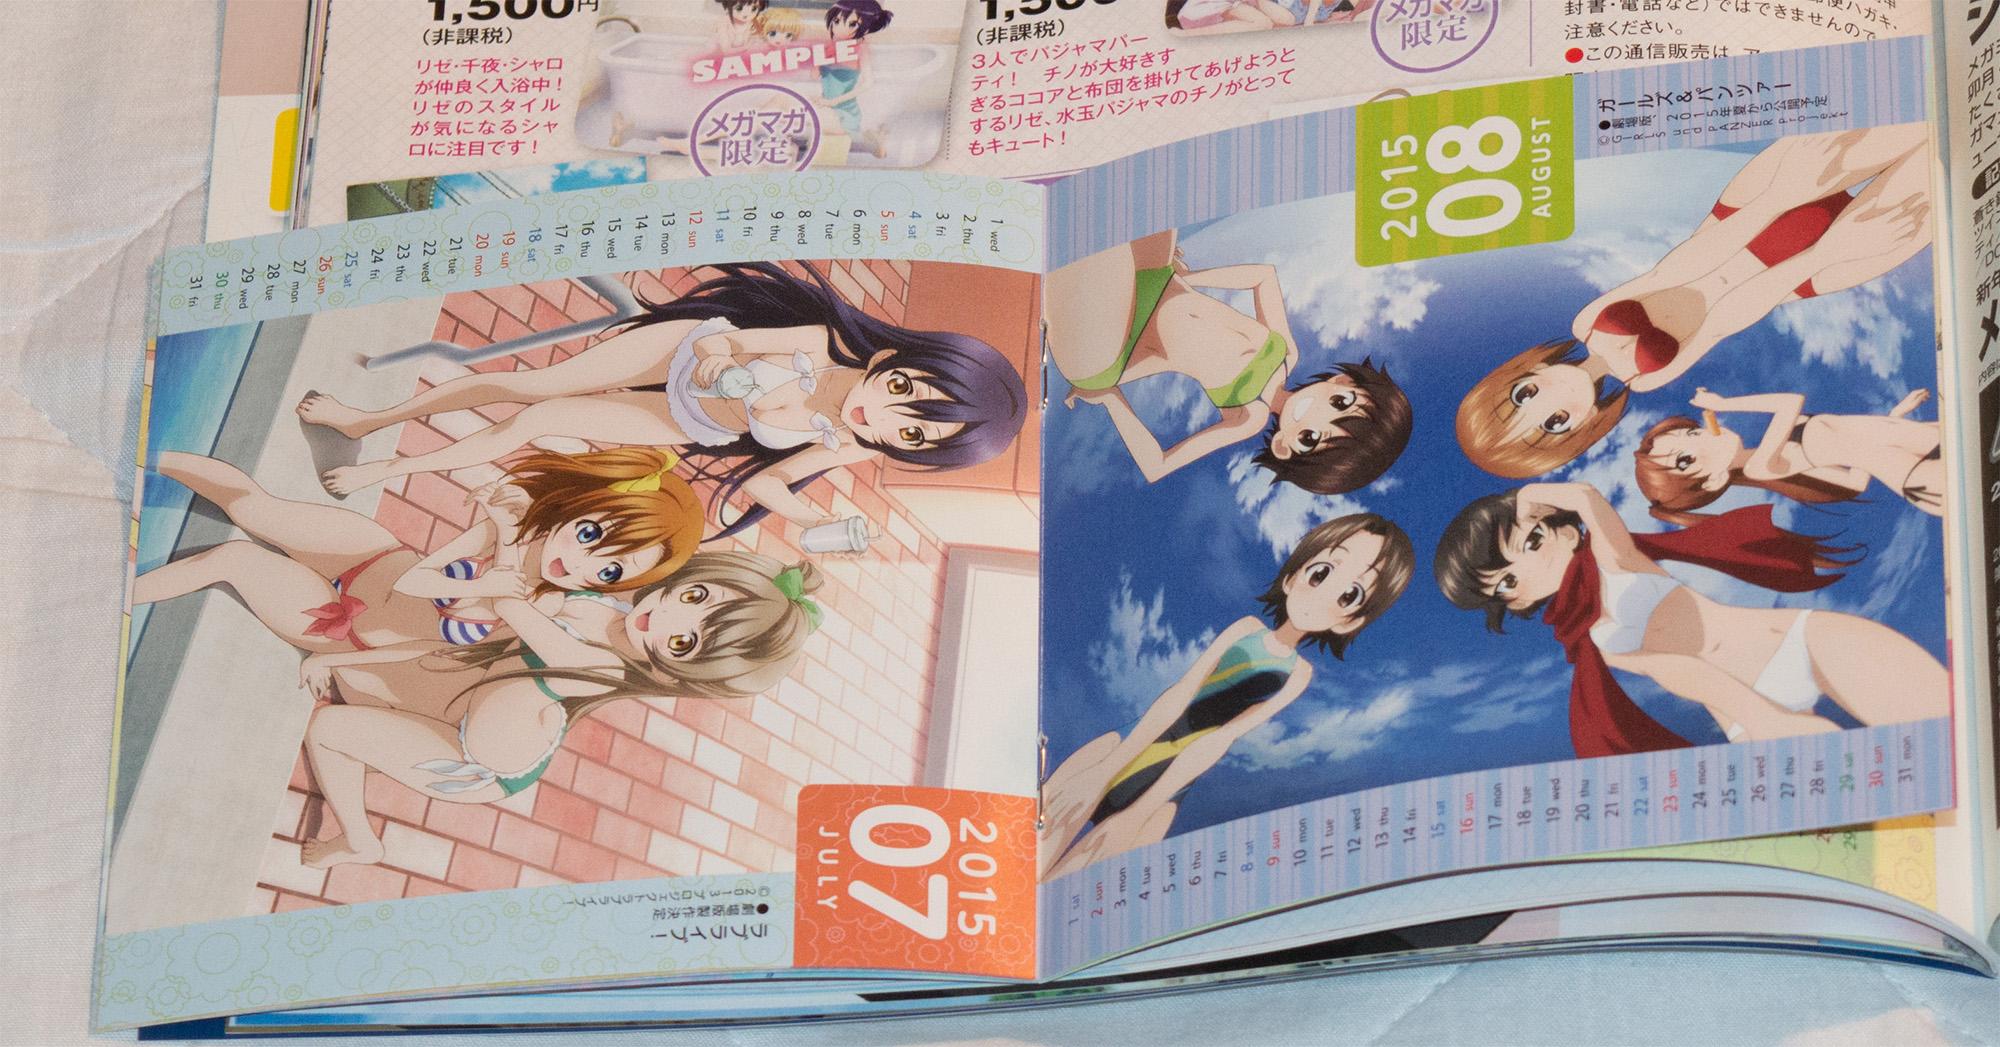 Haruhichan.com Megami MAGAZINE February 2015 anime Calendar 03